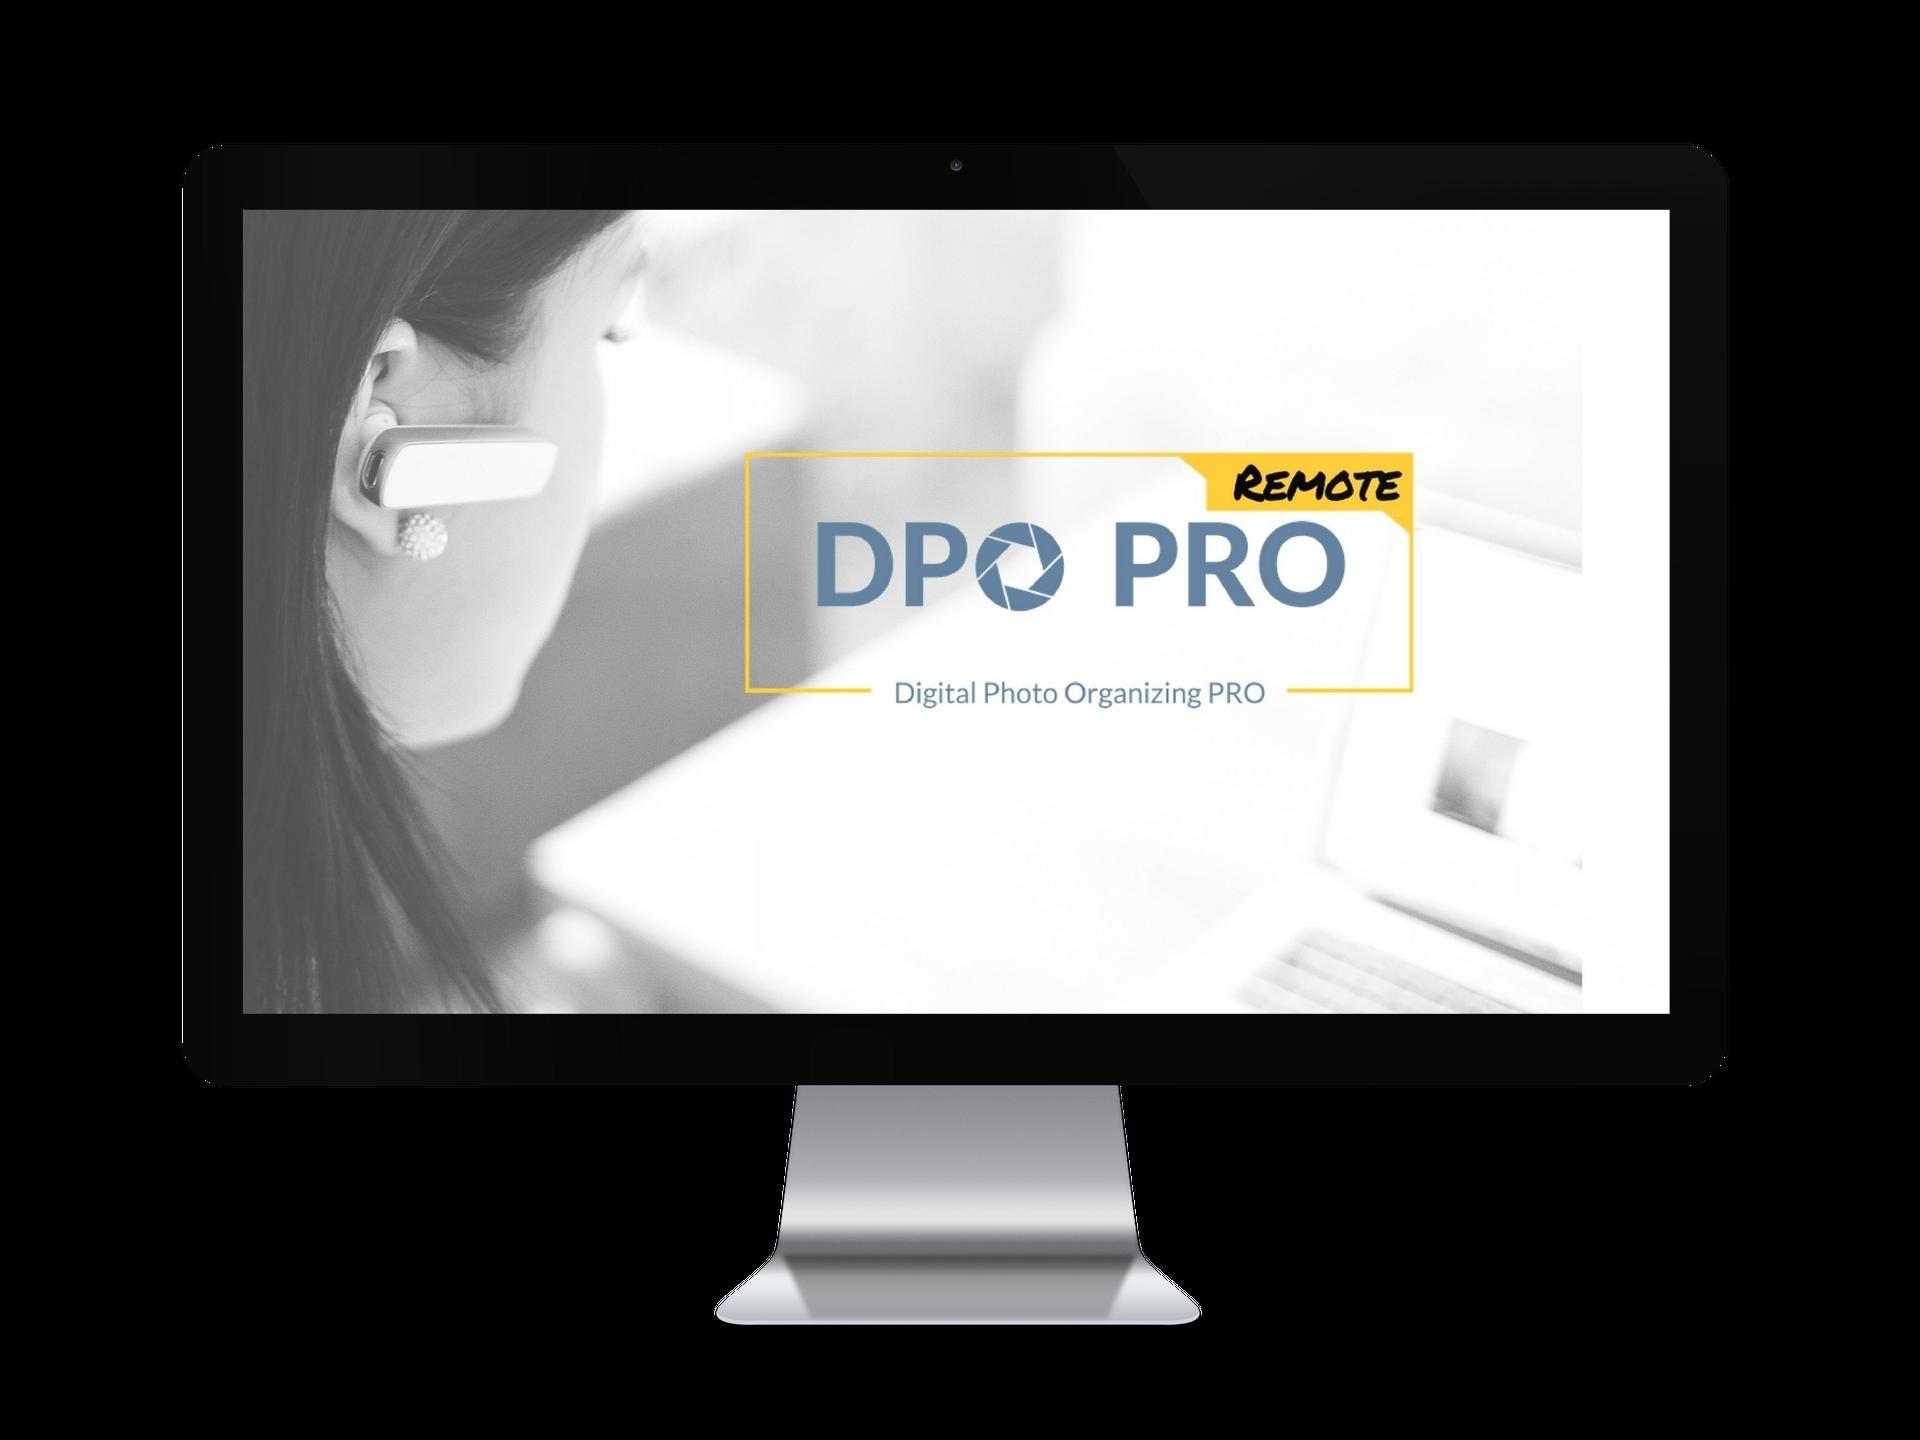 DPO PRO Remote